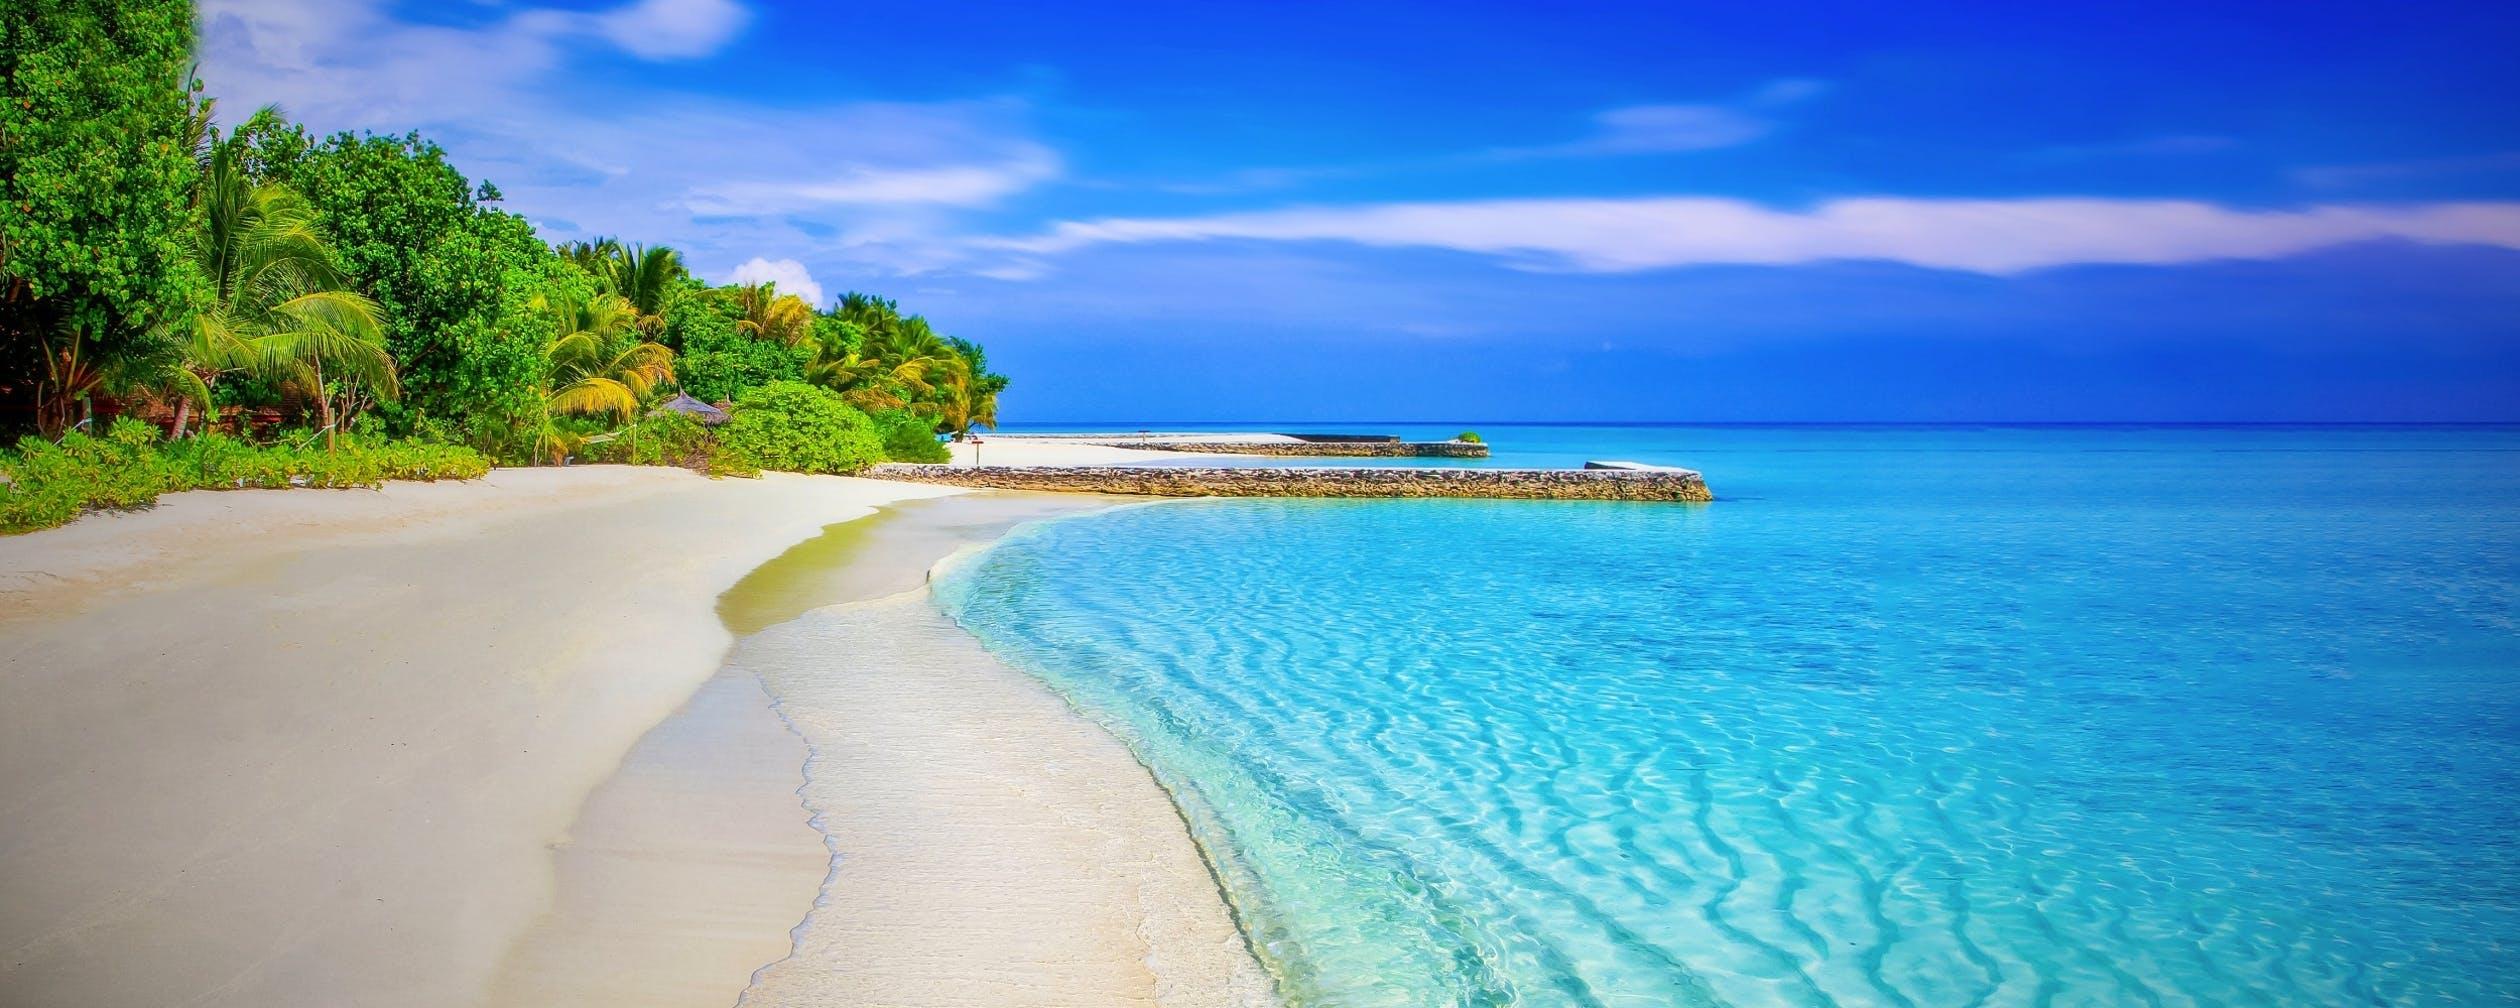 内海海水浴場は愛知のお出かけスポット!海でバーベキューも楽しもう!